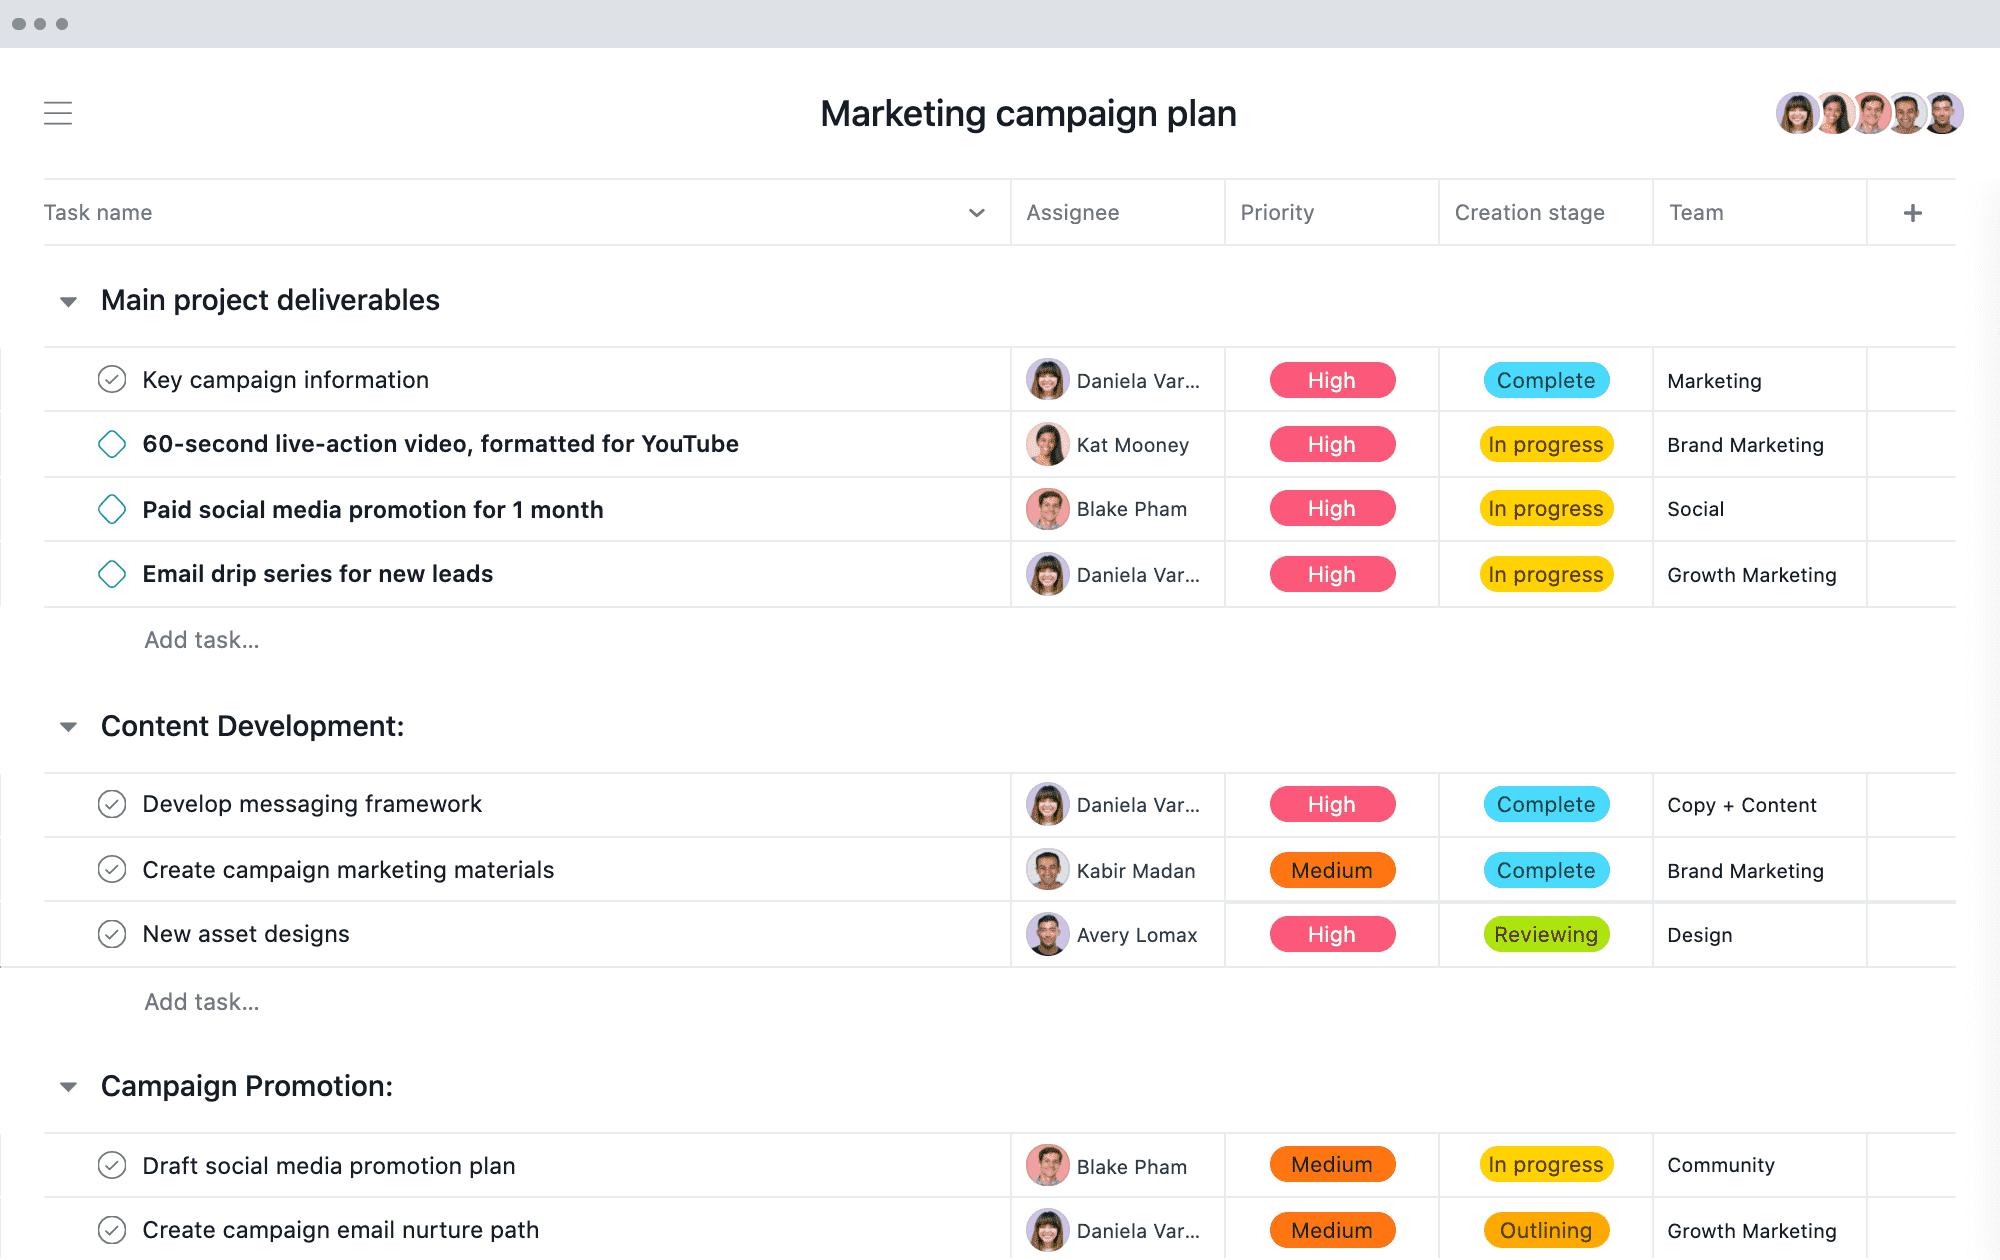 Entregas de proyectos para planes de campañas de marketing